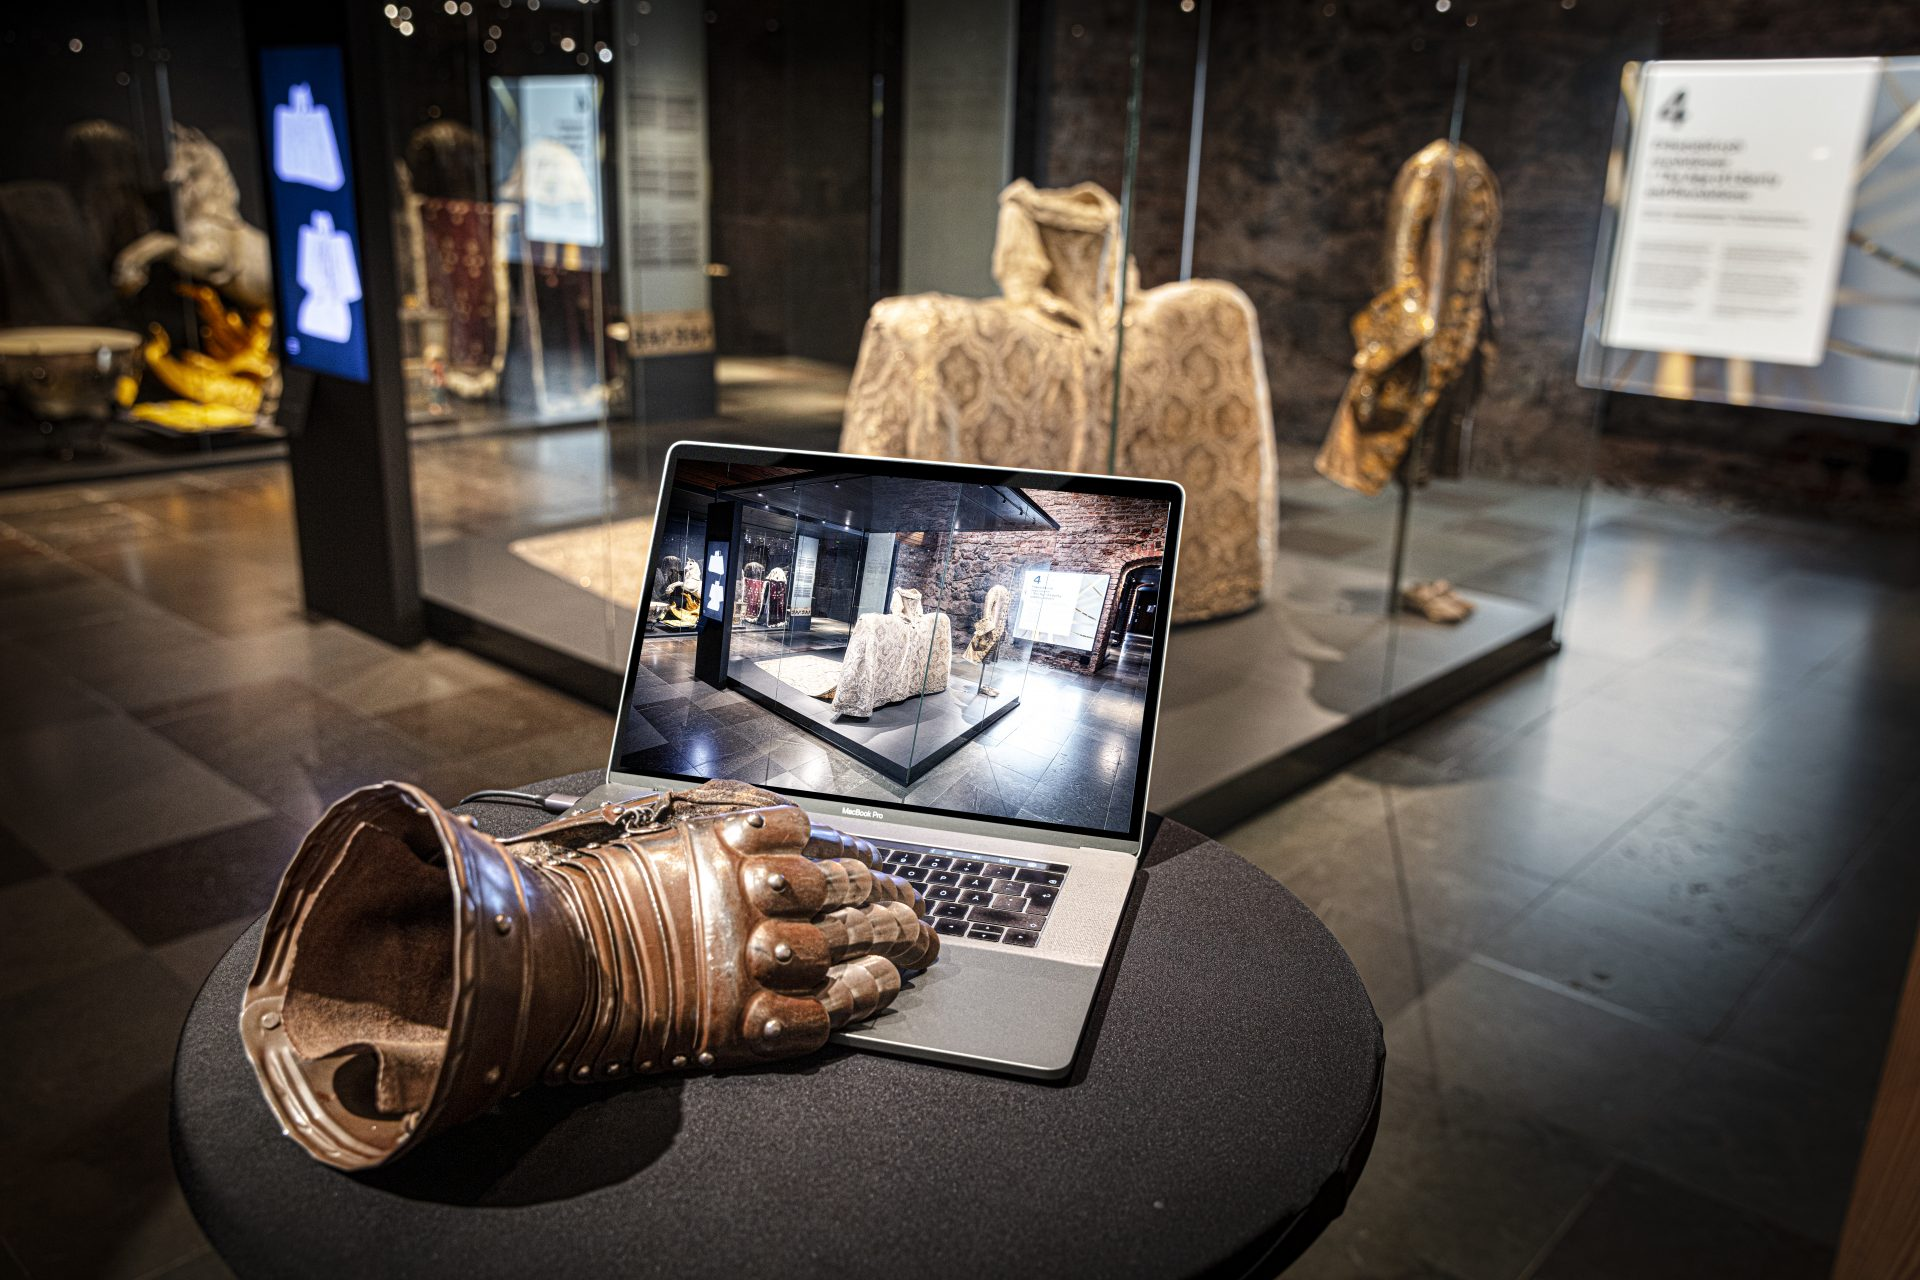 En riddarhandske knappar på en laptop inne i utställningen om Sveriges kungliga historia.